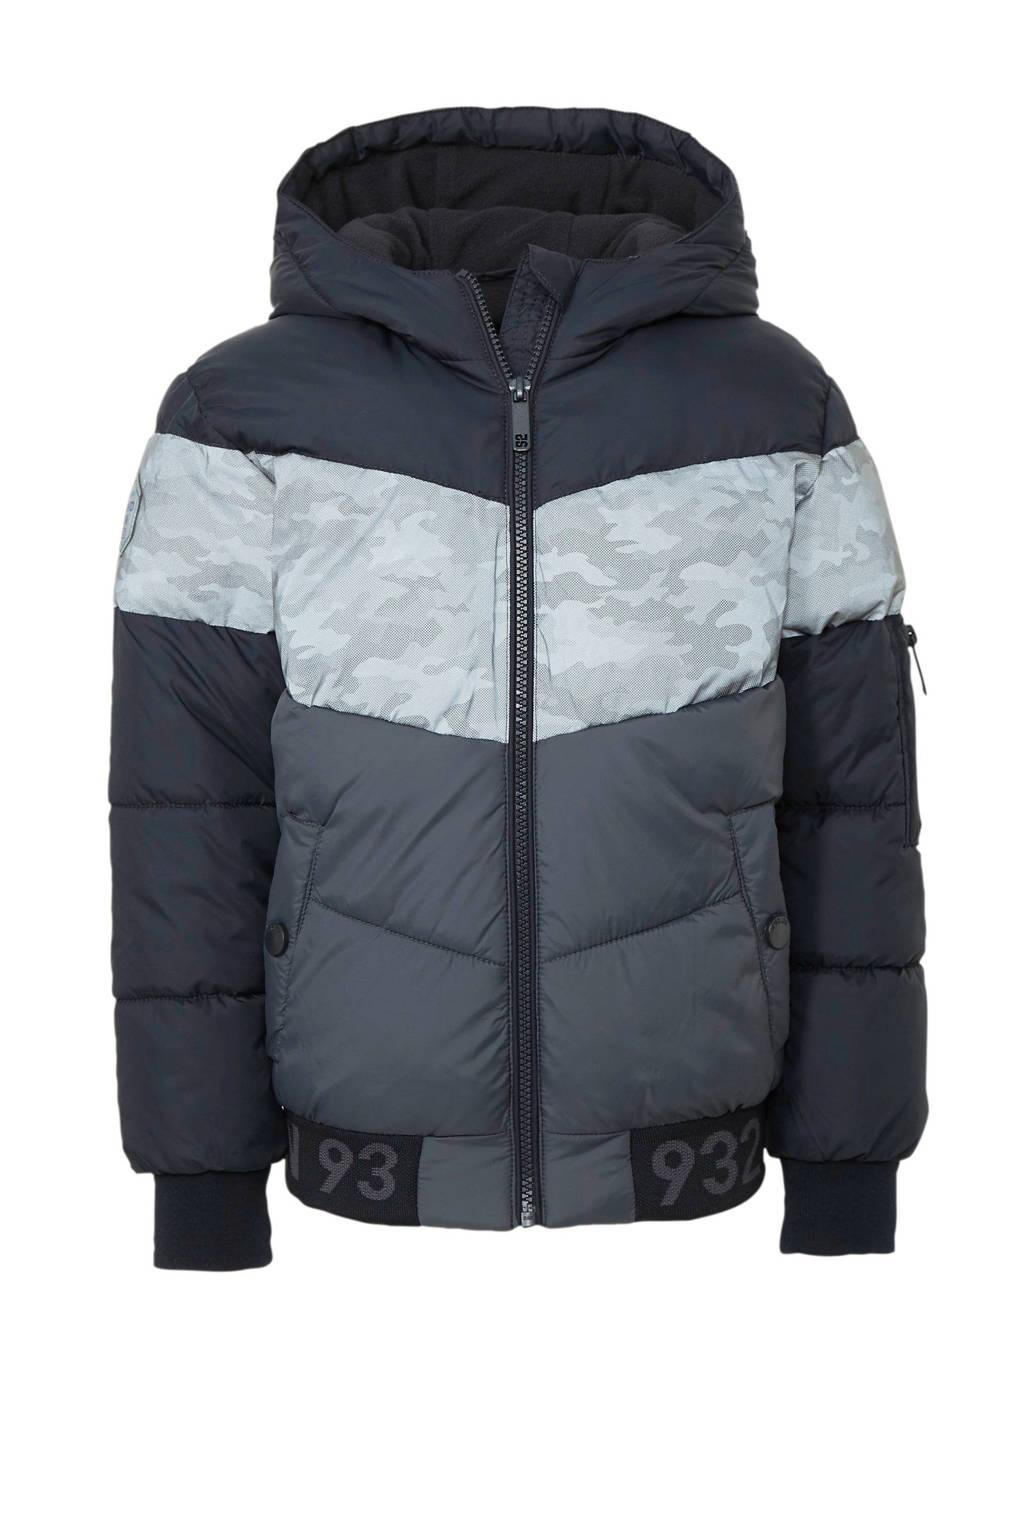 C&A Here & There winterjas met camouflageprint zwart/grijs, Zwart